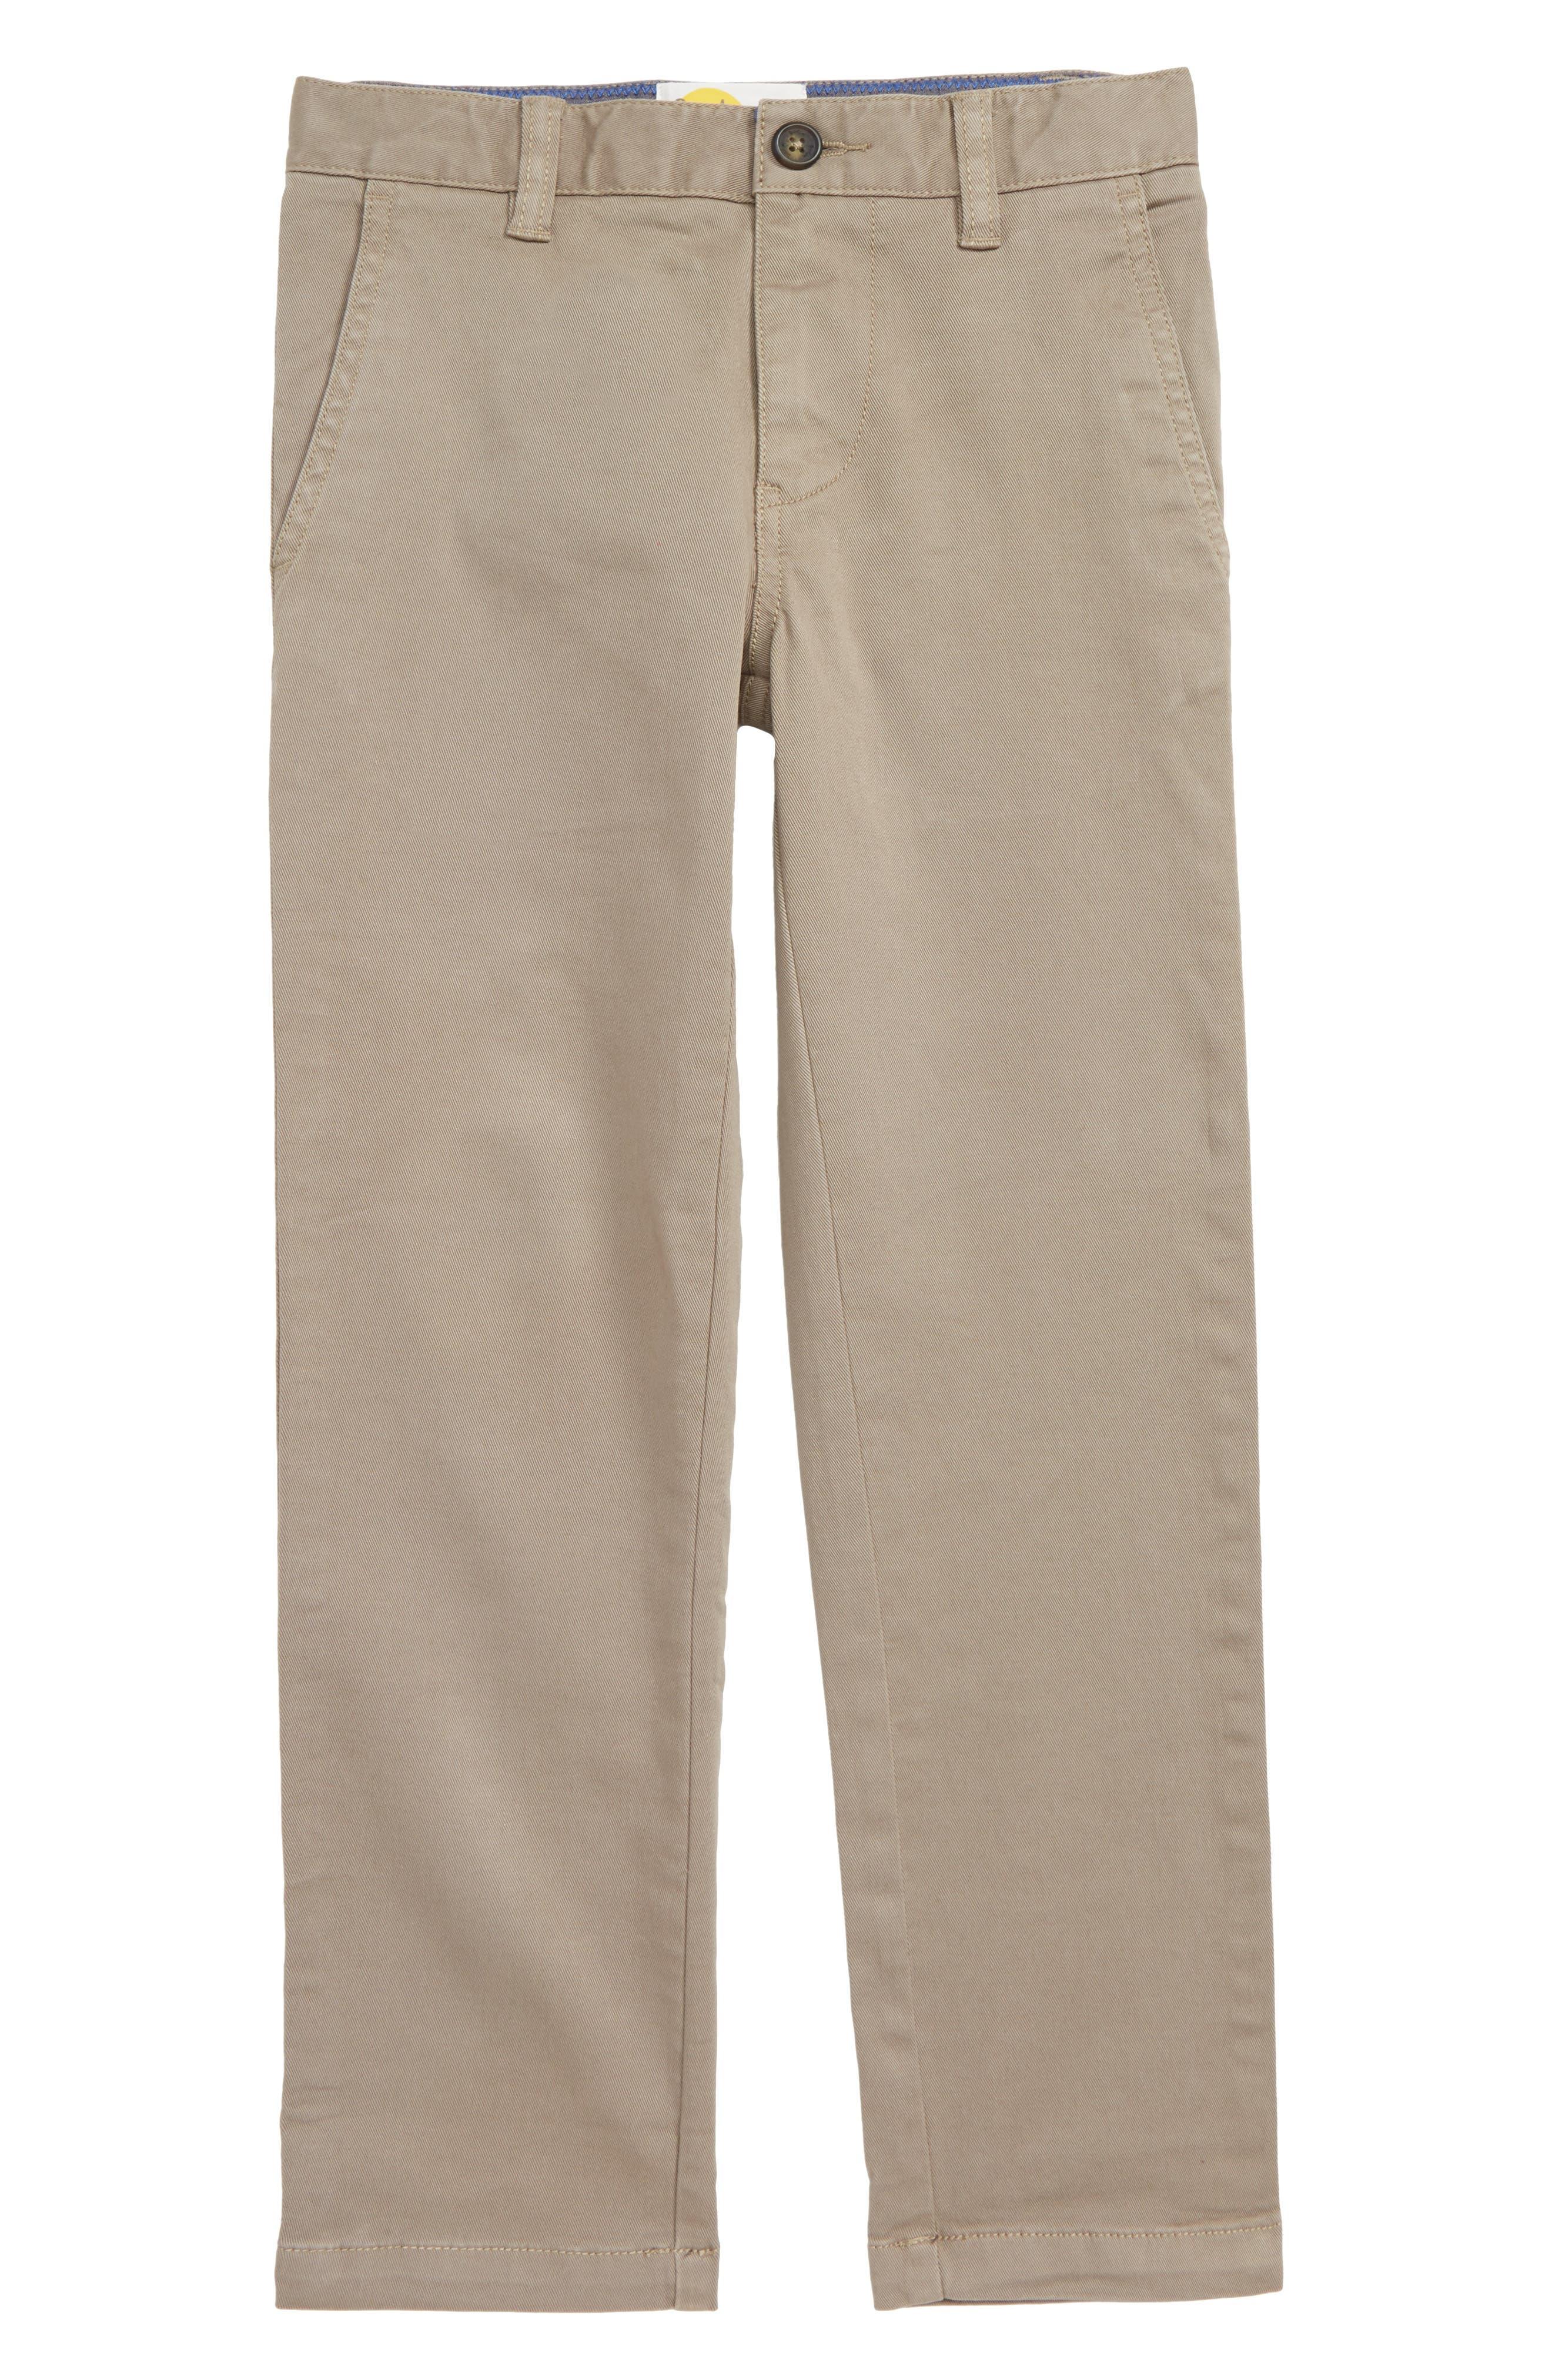 Chino Pants, Main, color, 214